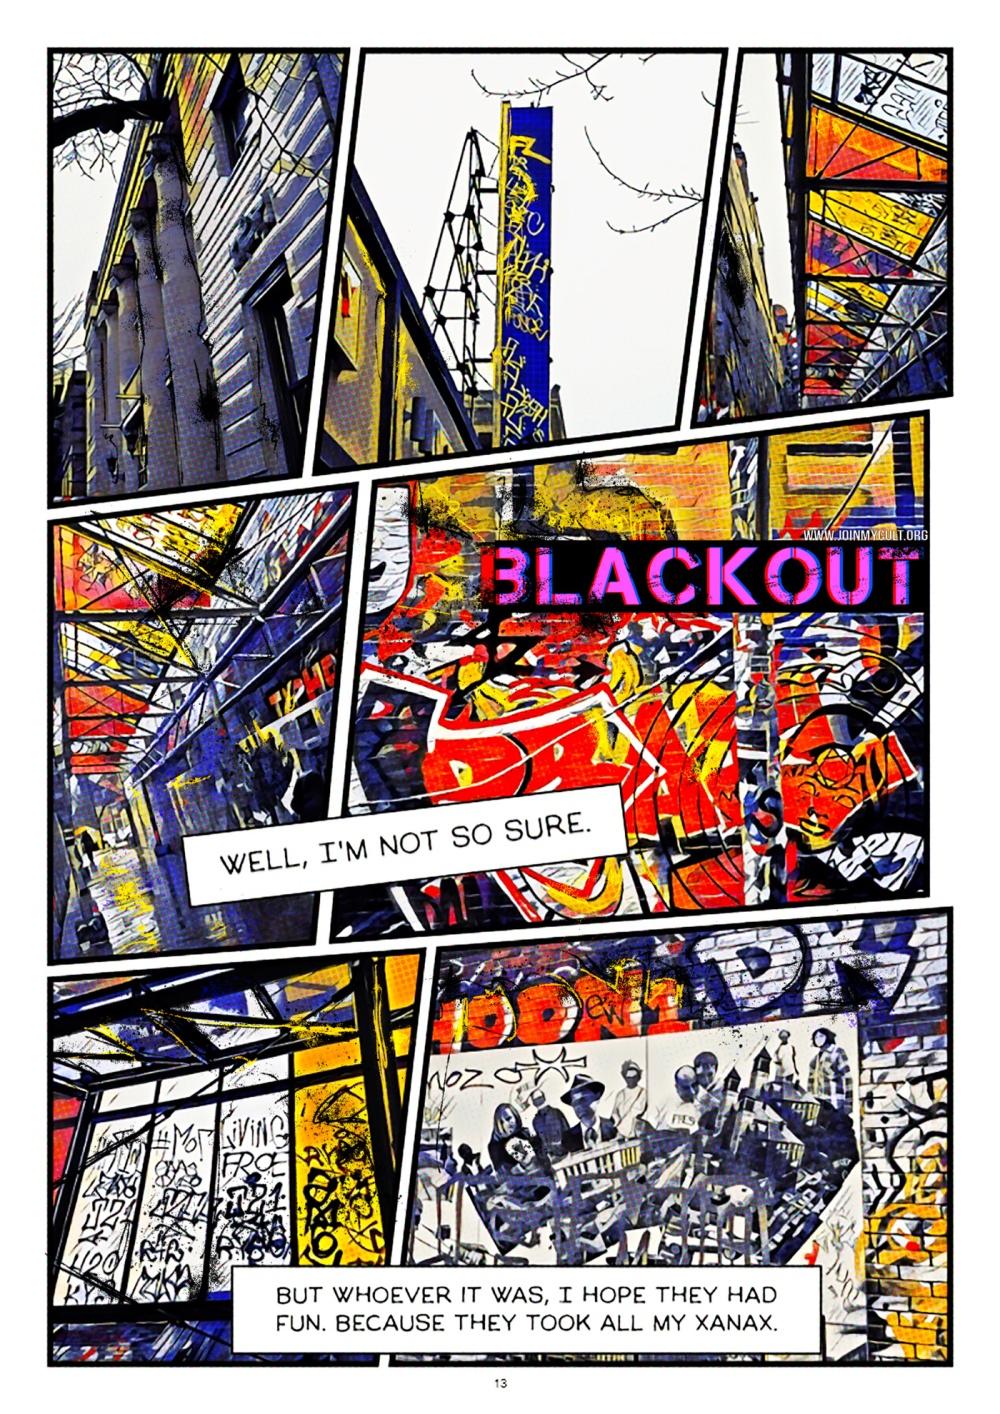 BLACKOUT1-13